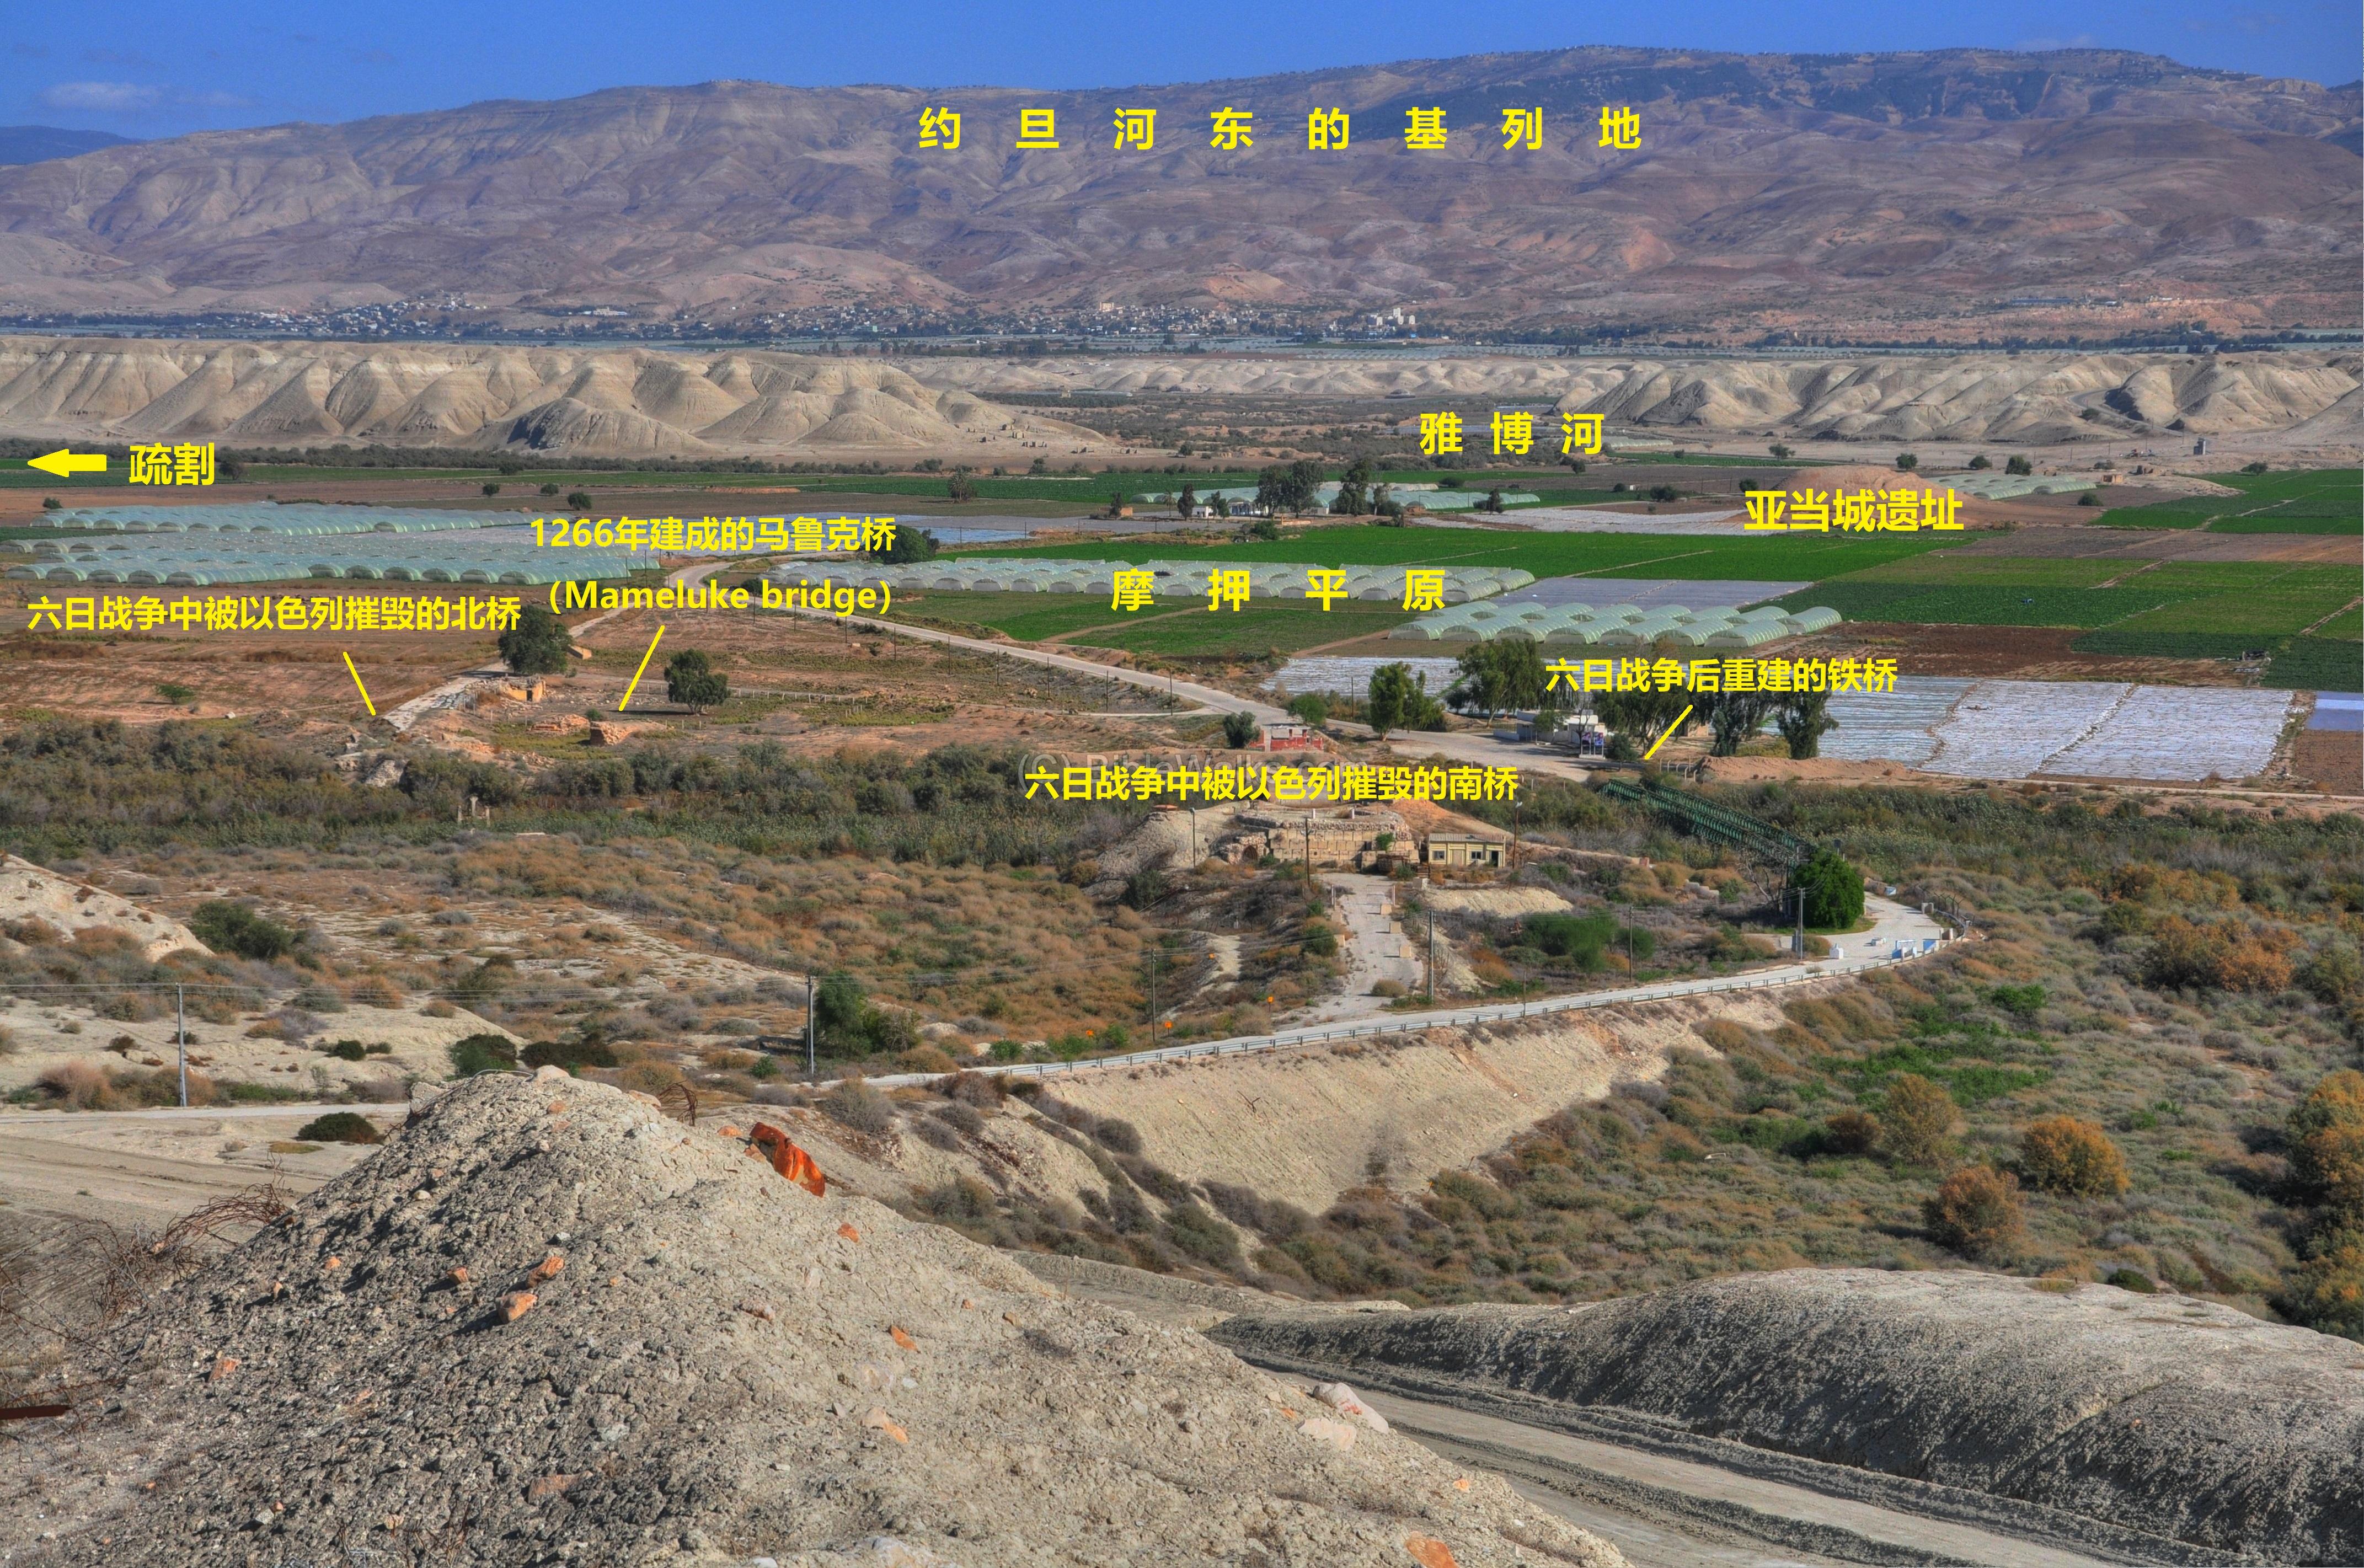 上图:亚当城附近有许多横跨约旦河的桥梁,史上被反复破坏、重建。河对面就是基列地、摩押平原和疏割,雅博河在亚当城附近汇入约旦河。这里是古代通往大马士革和美索不达米亚的贸易路线上重要的约旦河重要渡口,亚当城(书三16)遗址(Tell Adam)就在河东疏割的南面。雅各从亚兰回到迦南的时候,先是渡过雅博河(创三十二22)、住在疏割(创三十三17),然后在这附近渡过约旦河、来到示剑(创三十三18)。亚伯拉罕来到迦南,很可能也是从这里渡过约旦河,然后到达示剑(创十二6)。